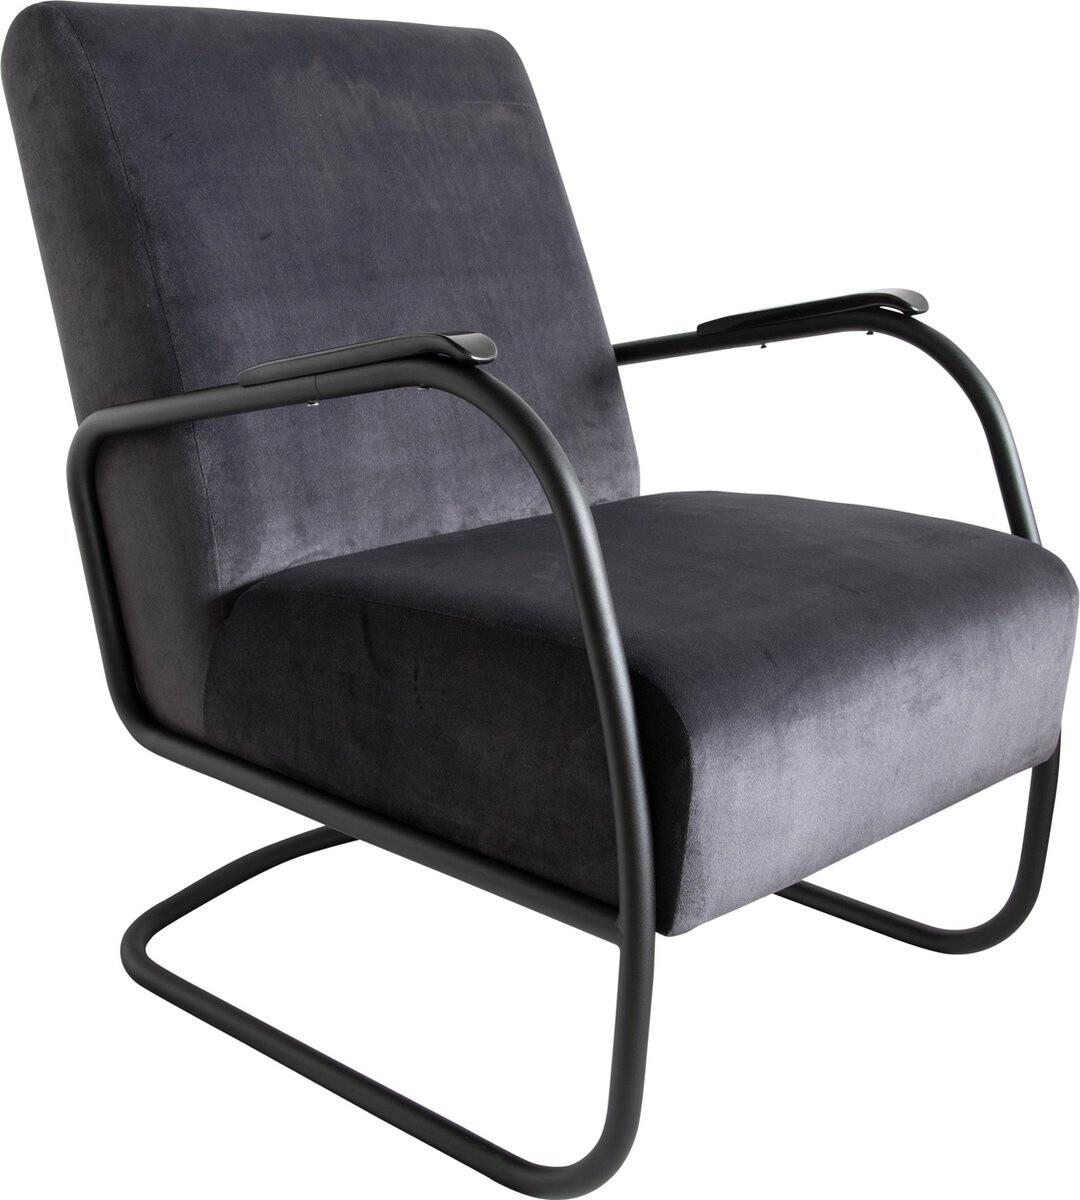 Spinder Design Sessel Retro 85 x 63 x 82 cm Edelstahl / Baumwolle schwarz